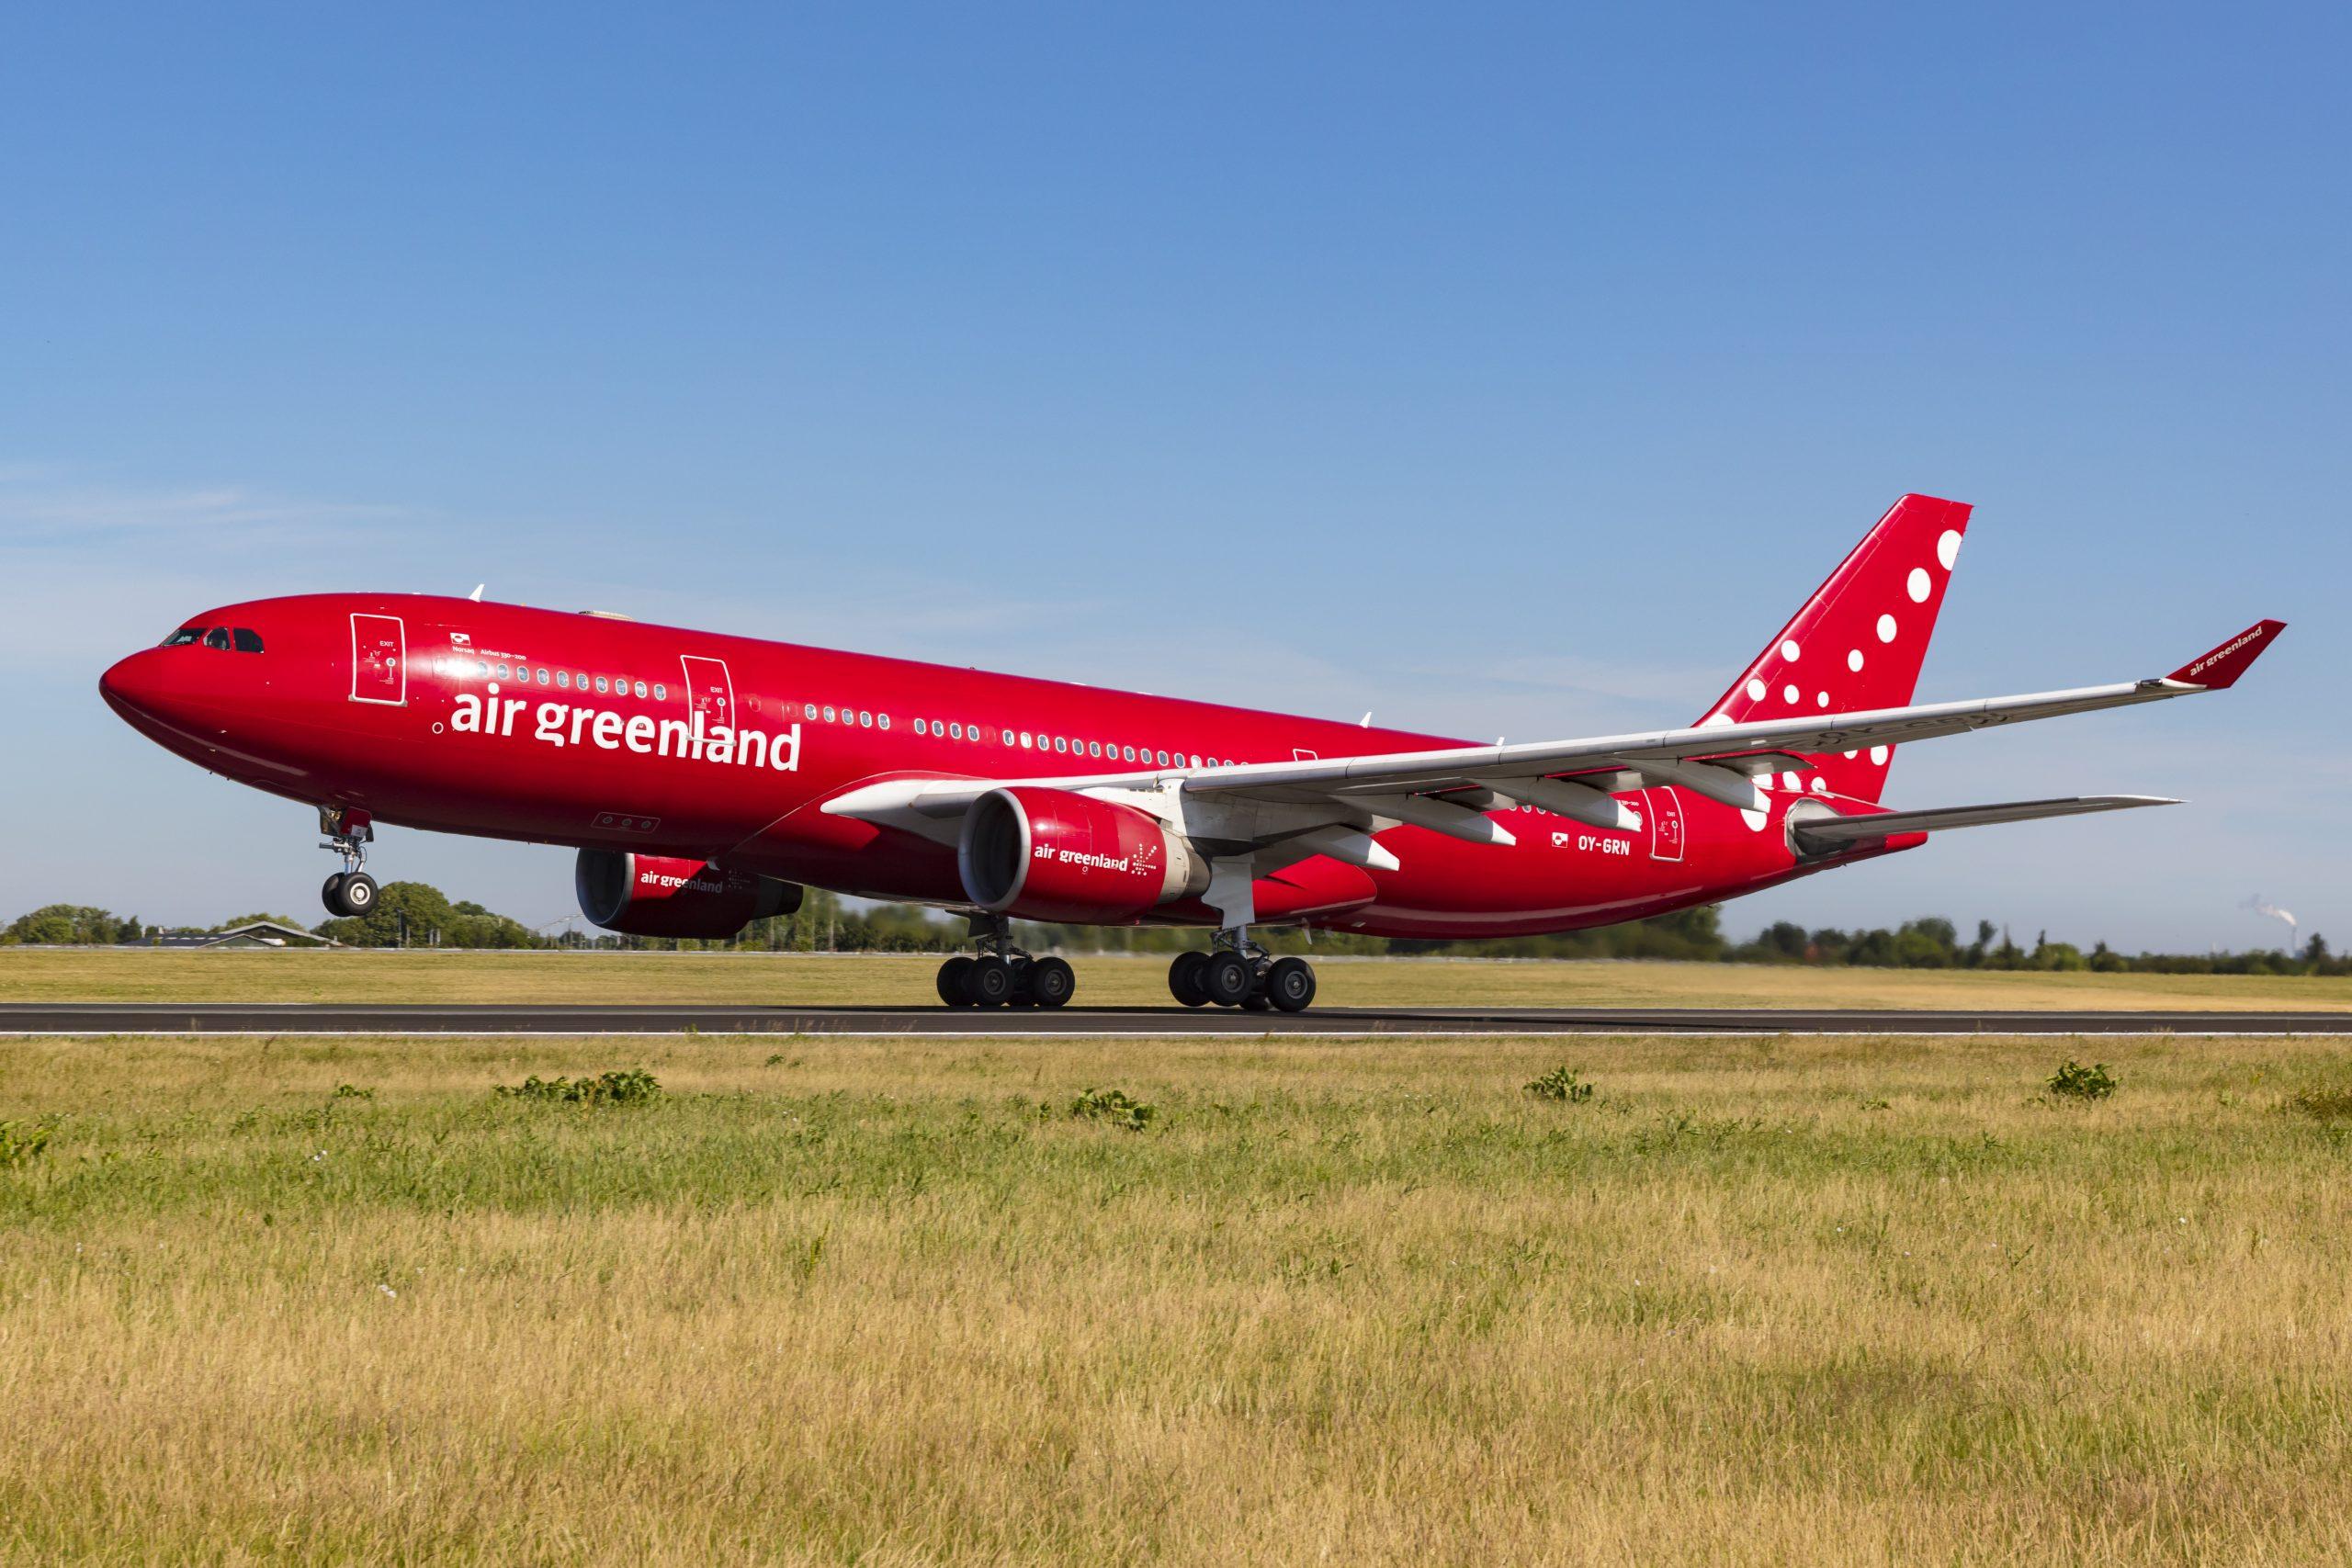 Air Greenlands Airbus A330-200 – også kendt som Norsaq. Foto: © Thorbjørn Brunander Sund, Danish Aviation Photo